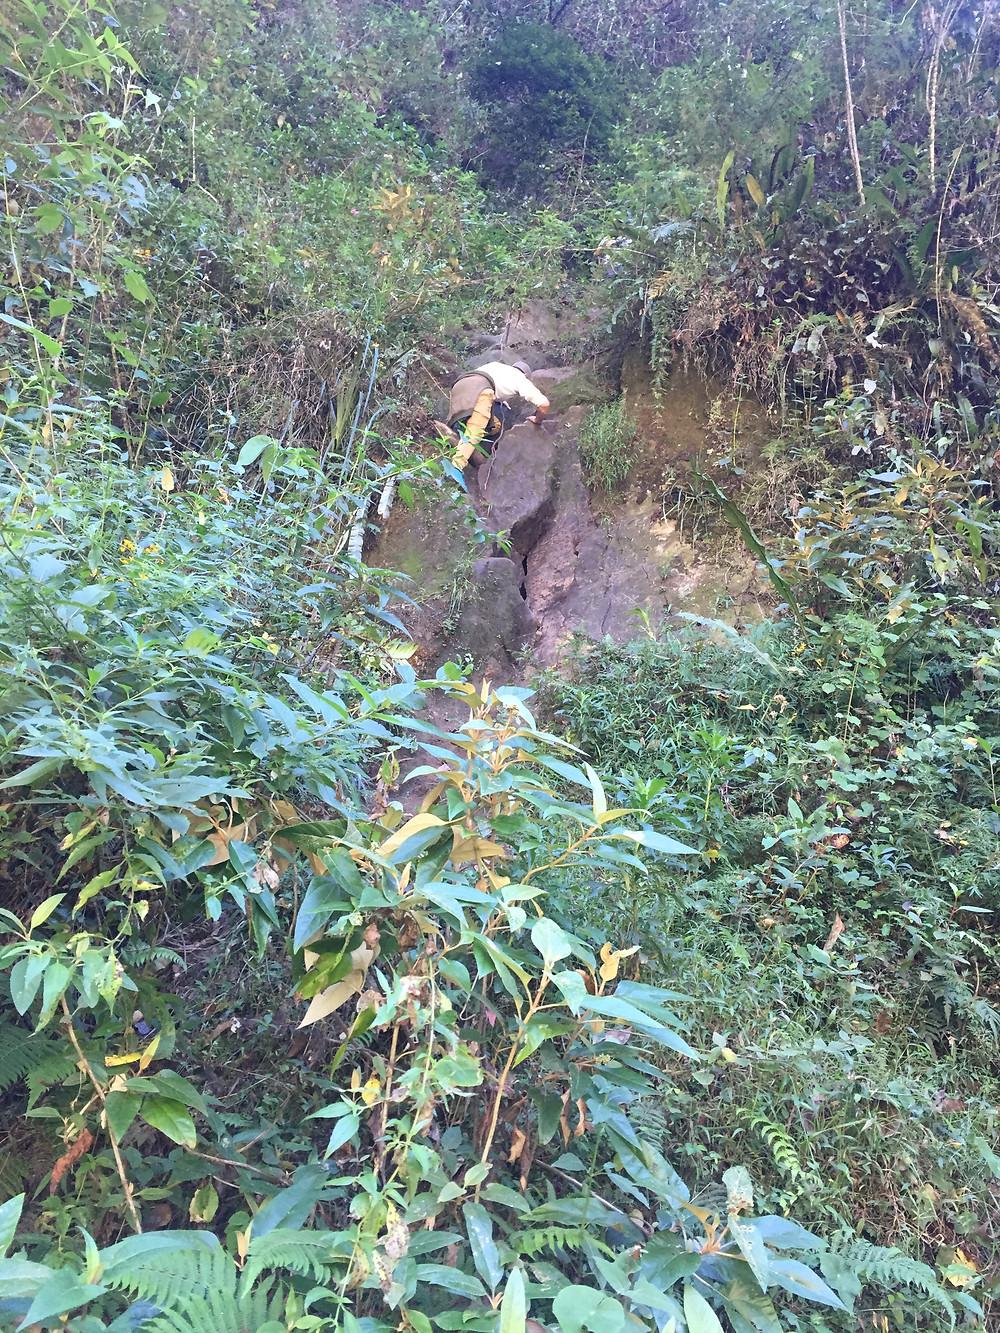 escalade dans la forêt pour rejoindre le Mont Putukusi, aventures et exploration de nouveaux endroits, pérou aguas calientes